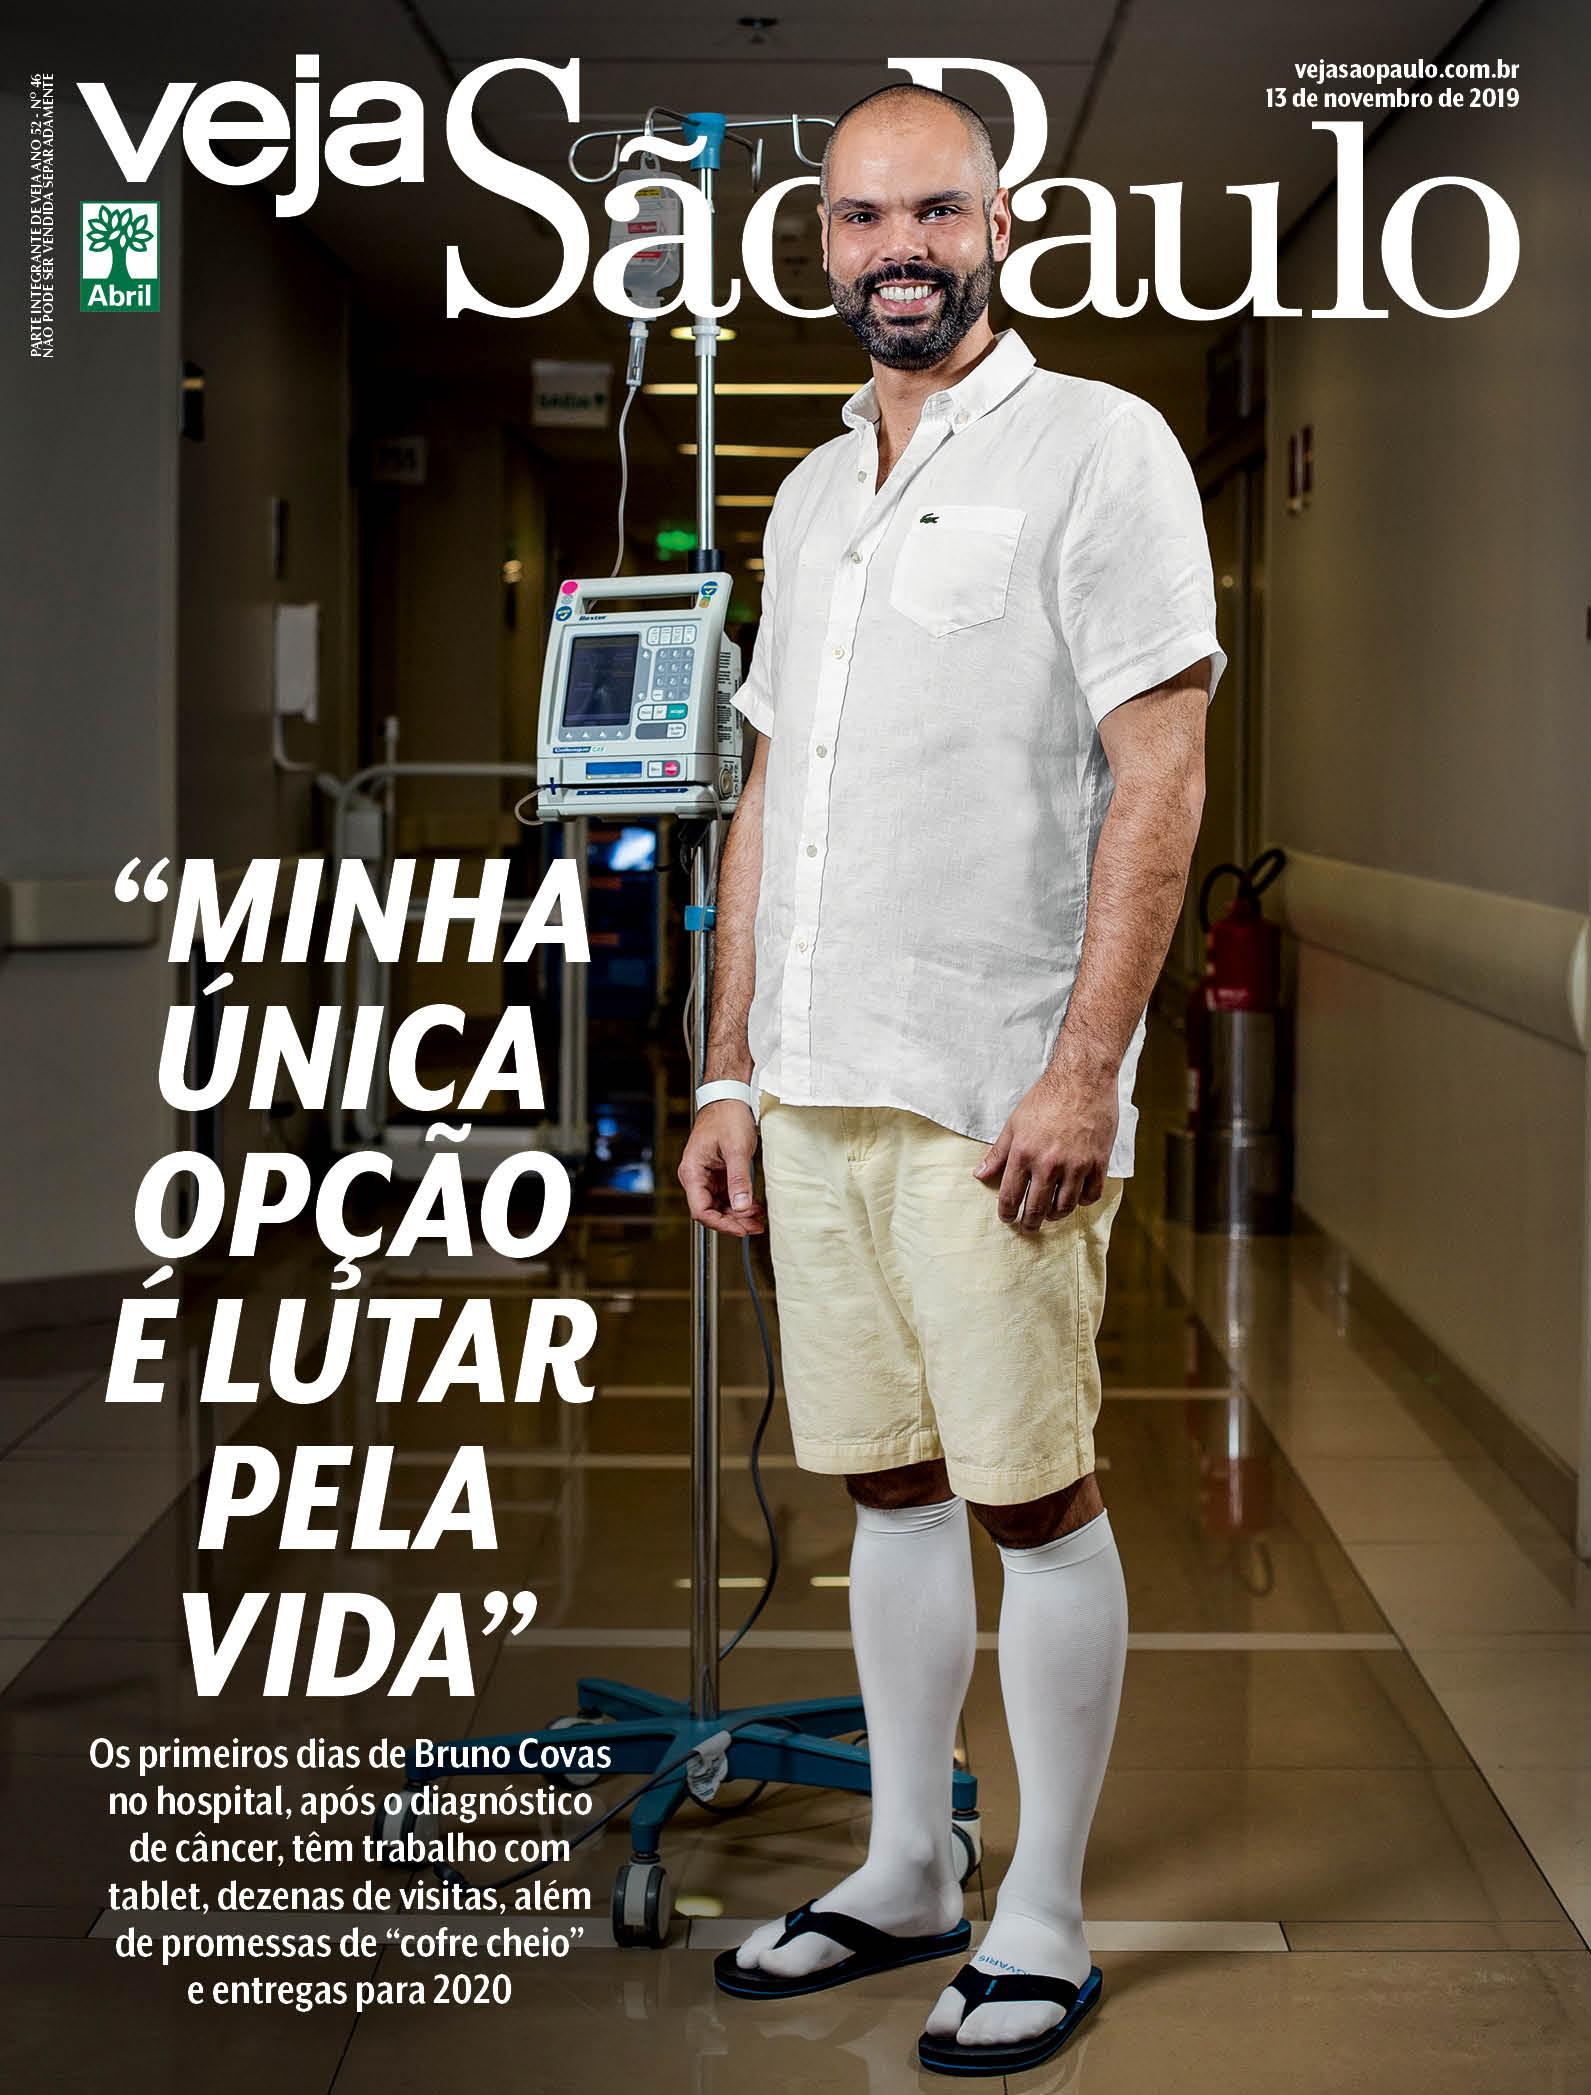 Bruno Covas posa com equipamentos de hospital e meias brancas compridas